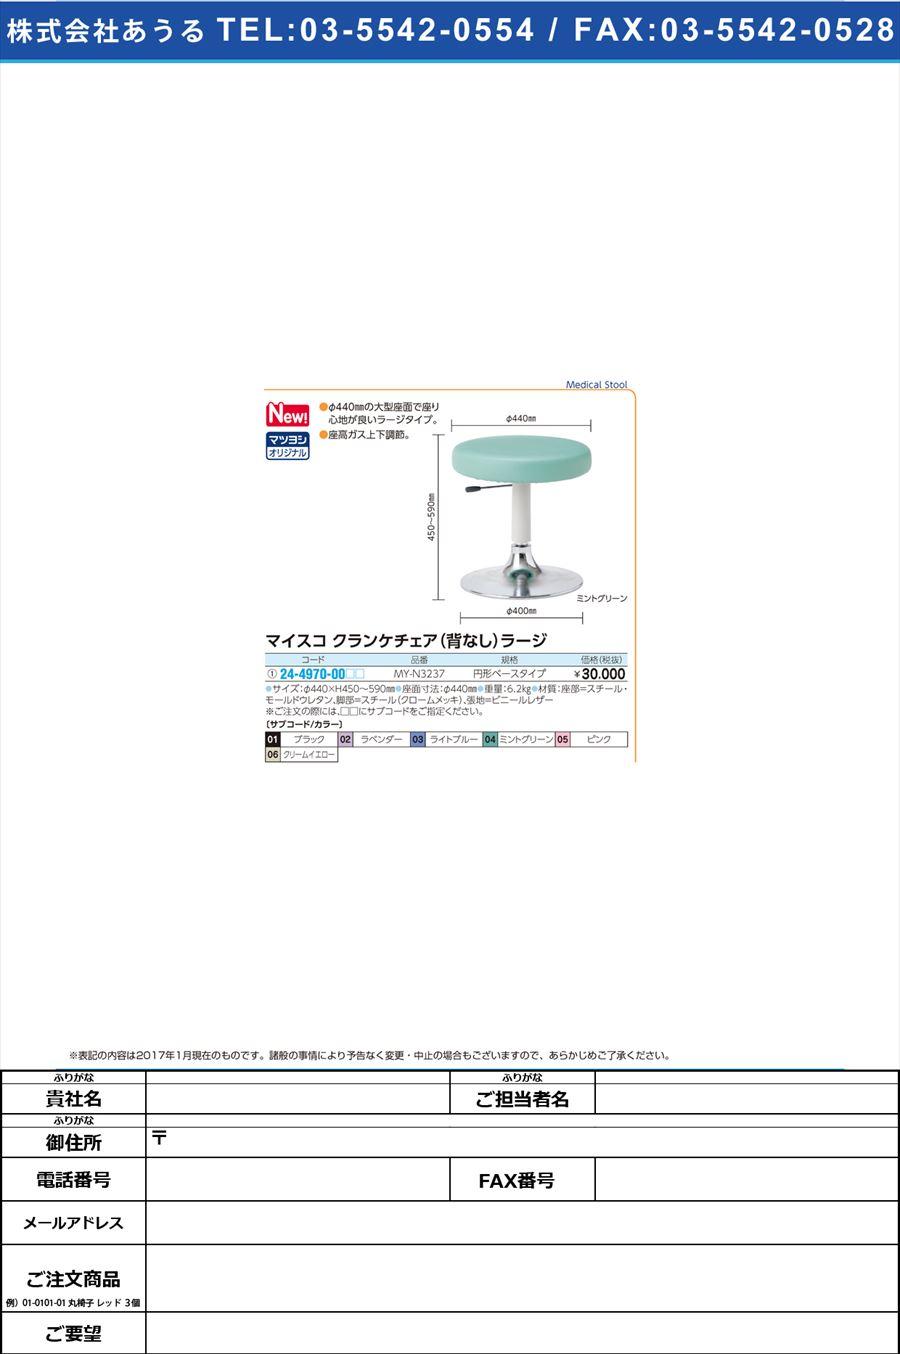 ラージクッションスツール(円形ベース ラージクッションスツール MY-N3237(24-4970-00)【1台単位】【2017年カタログ商品】